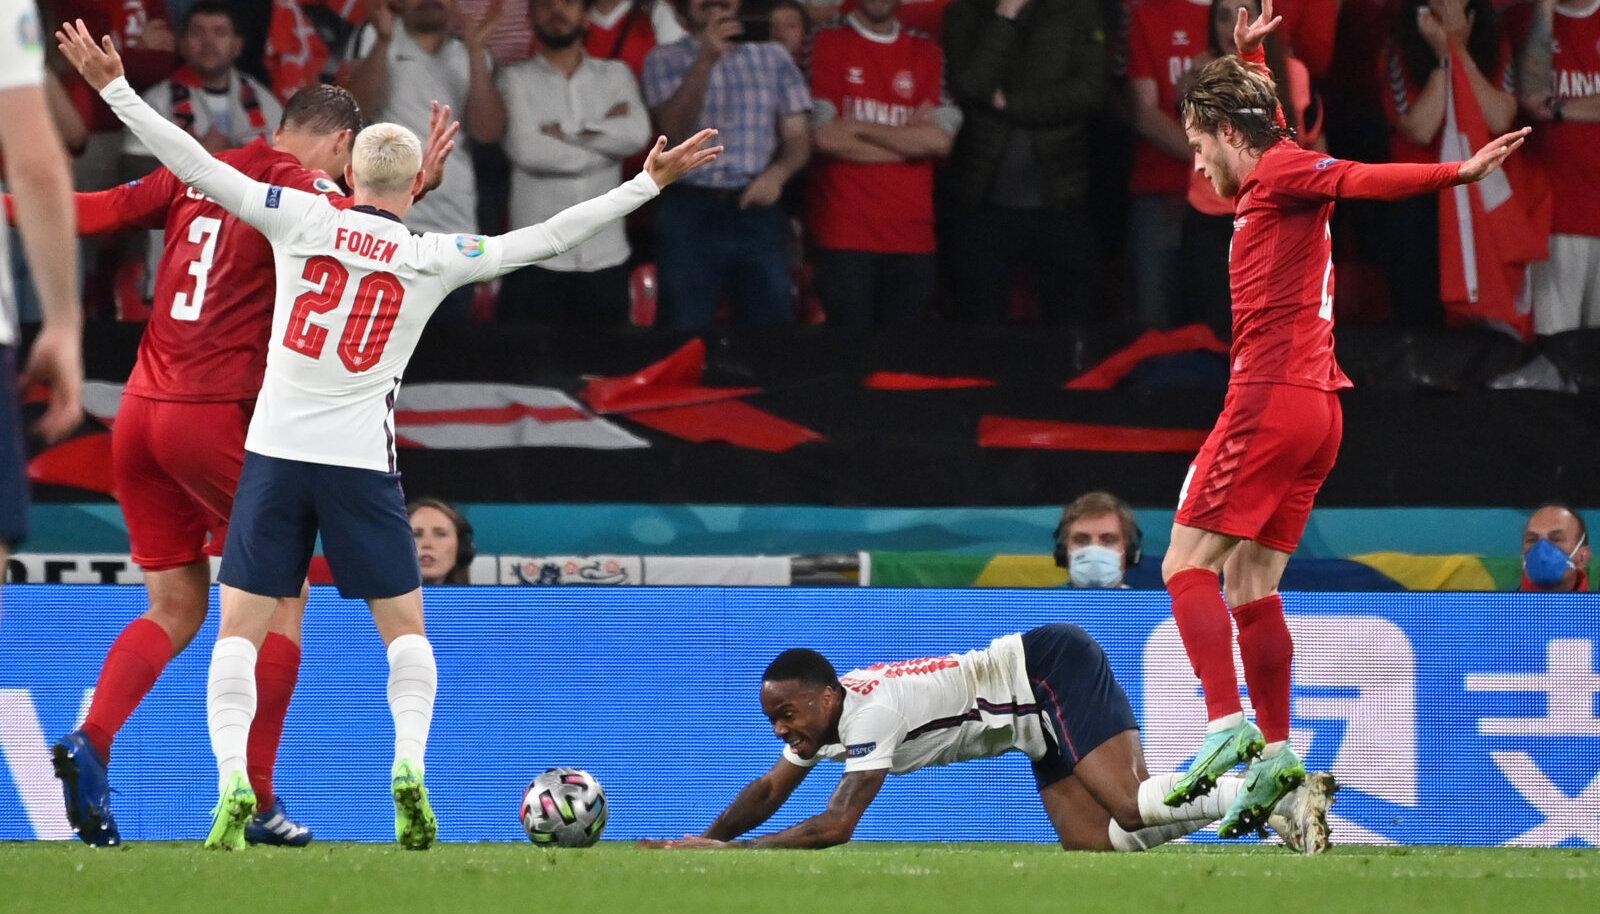 Ключевой момент полуфинала Англия - Дания